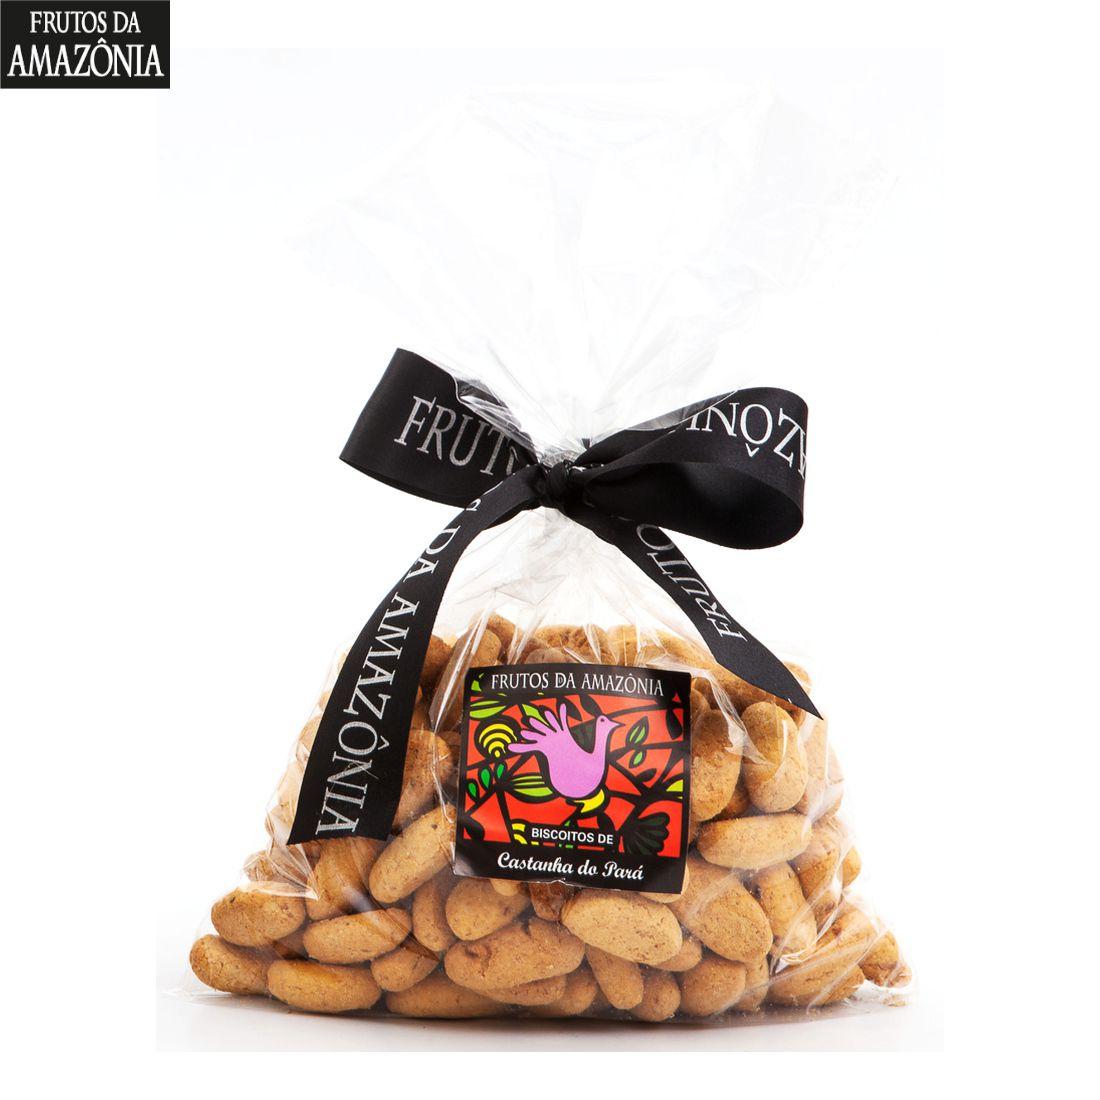 Biscoito de cupuaçu 500g